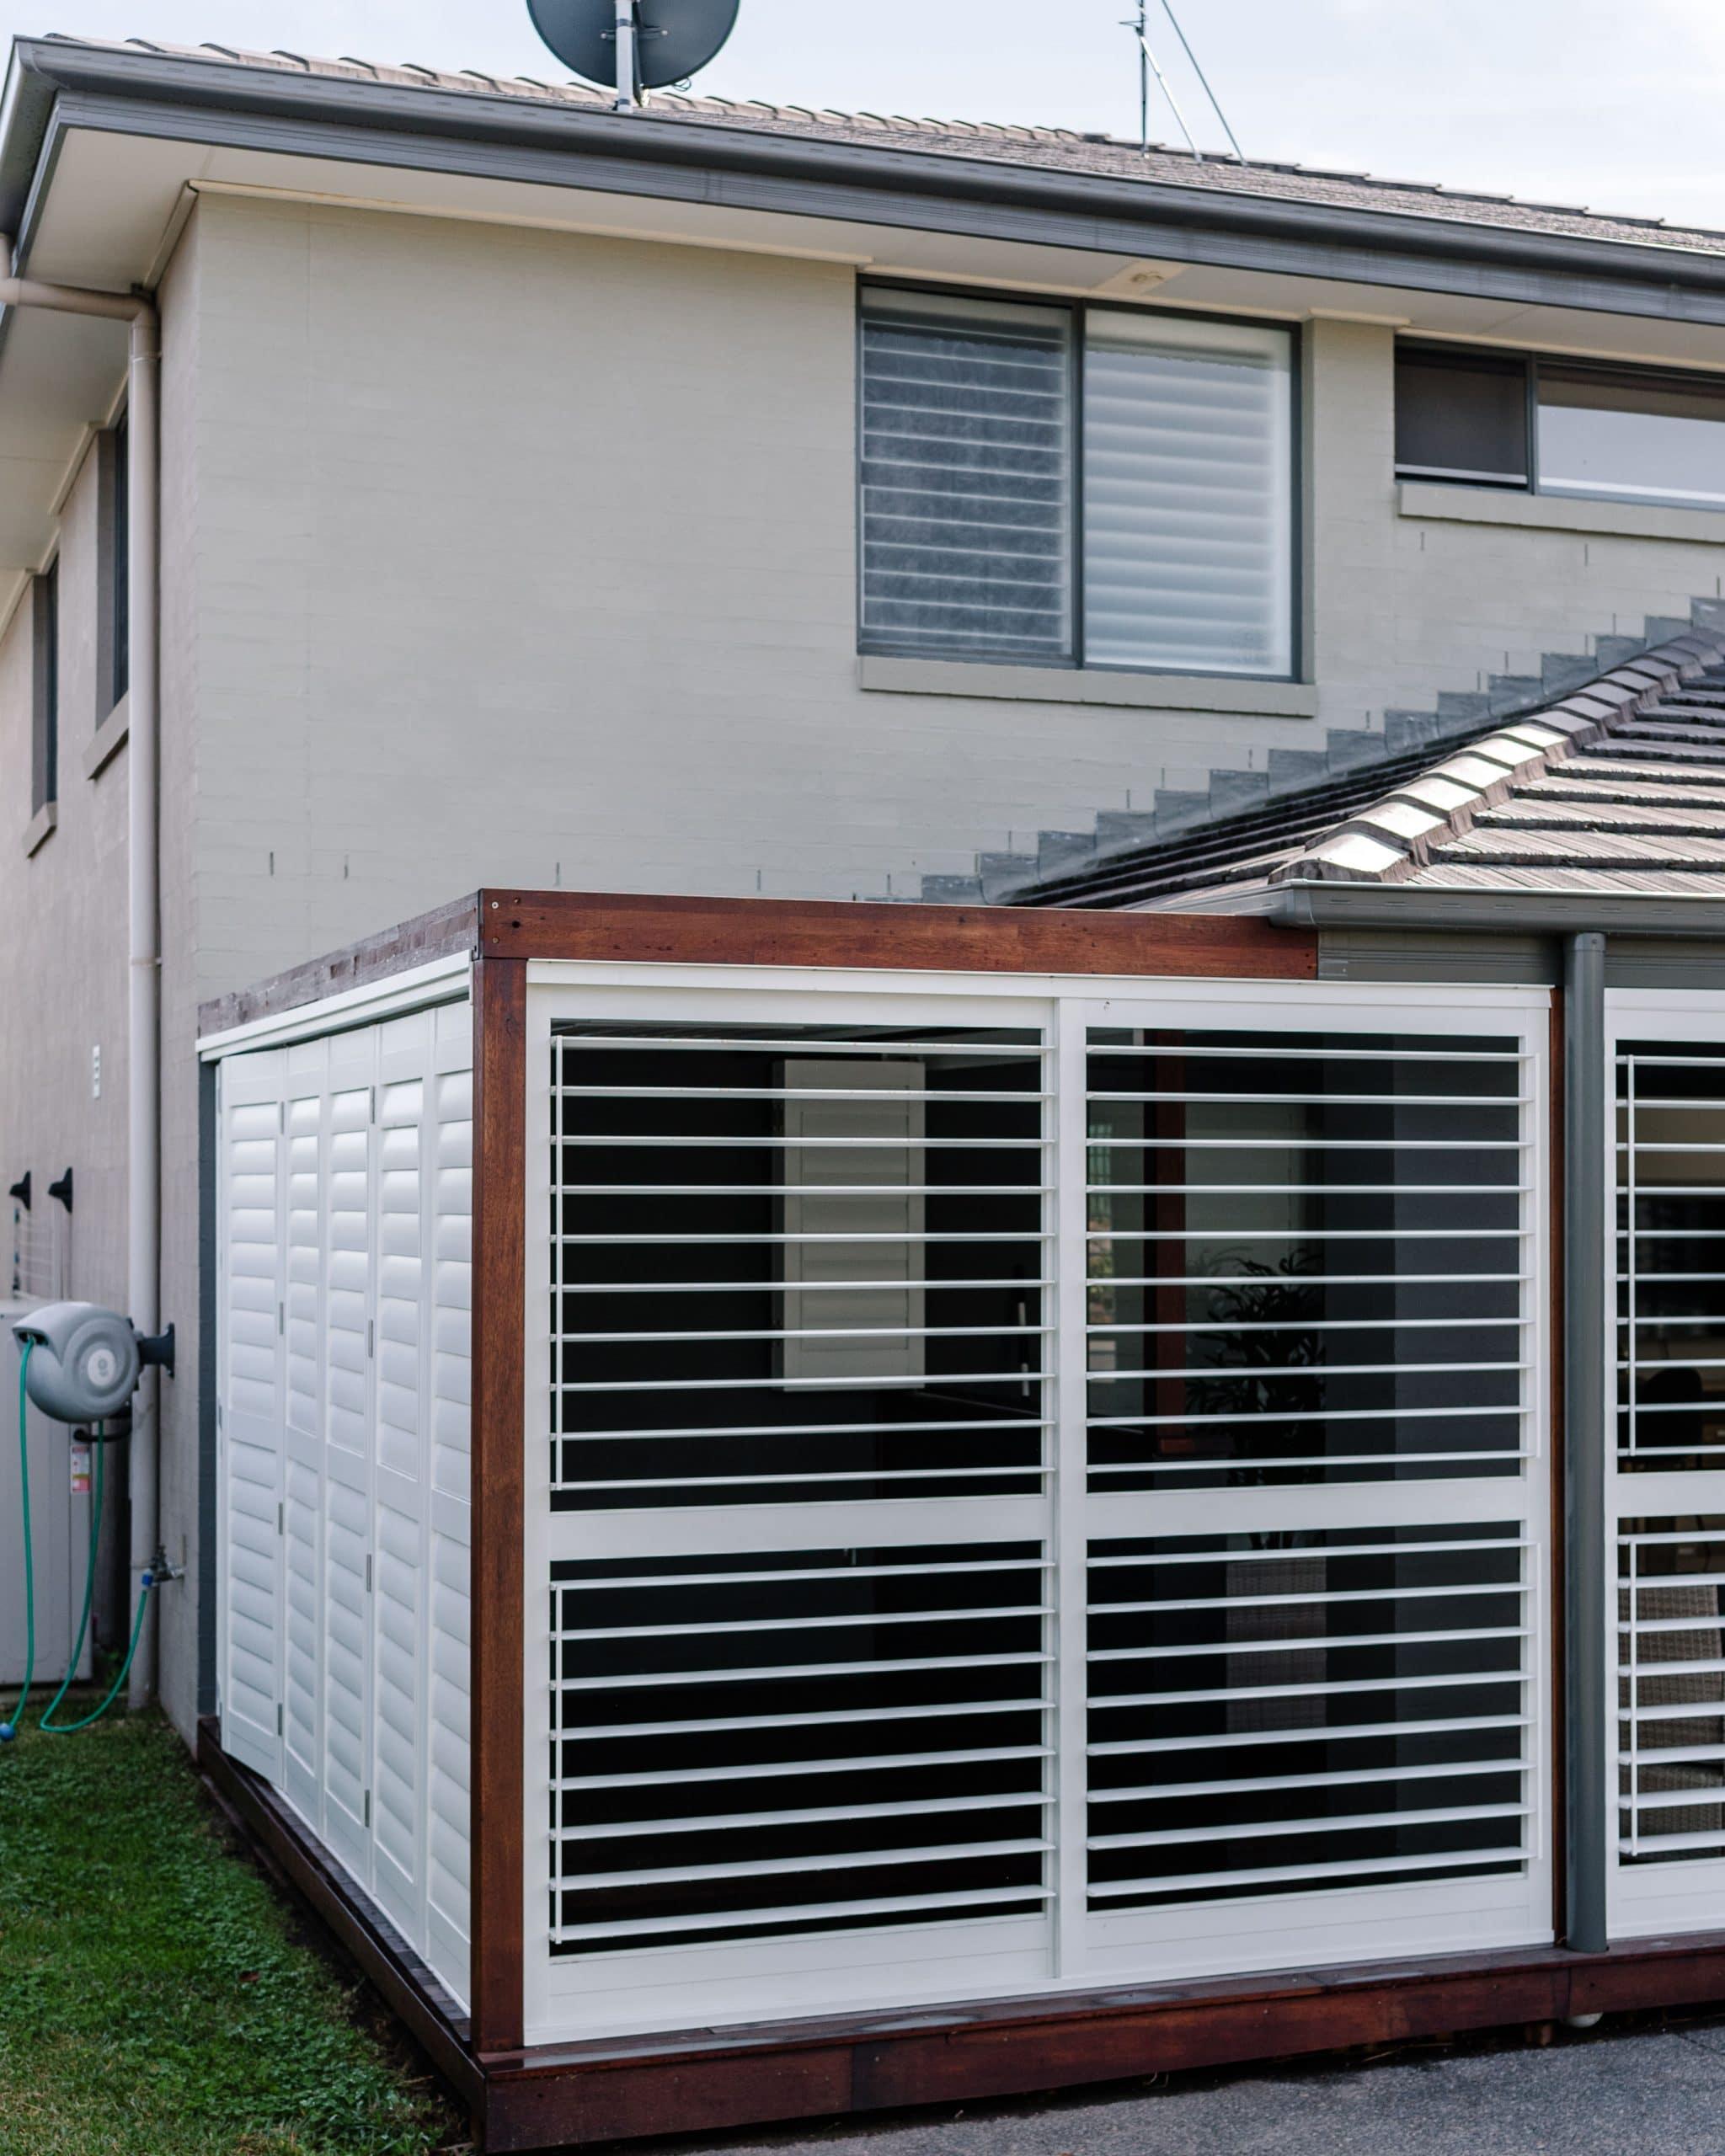 Sliding - sliding shutters